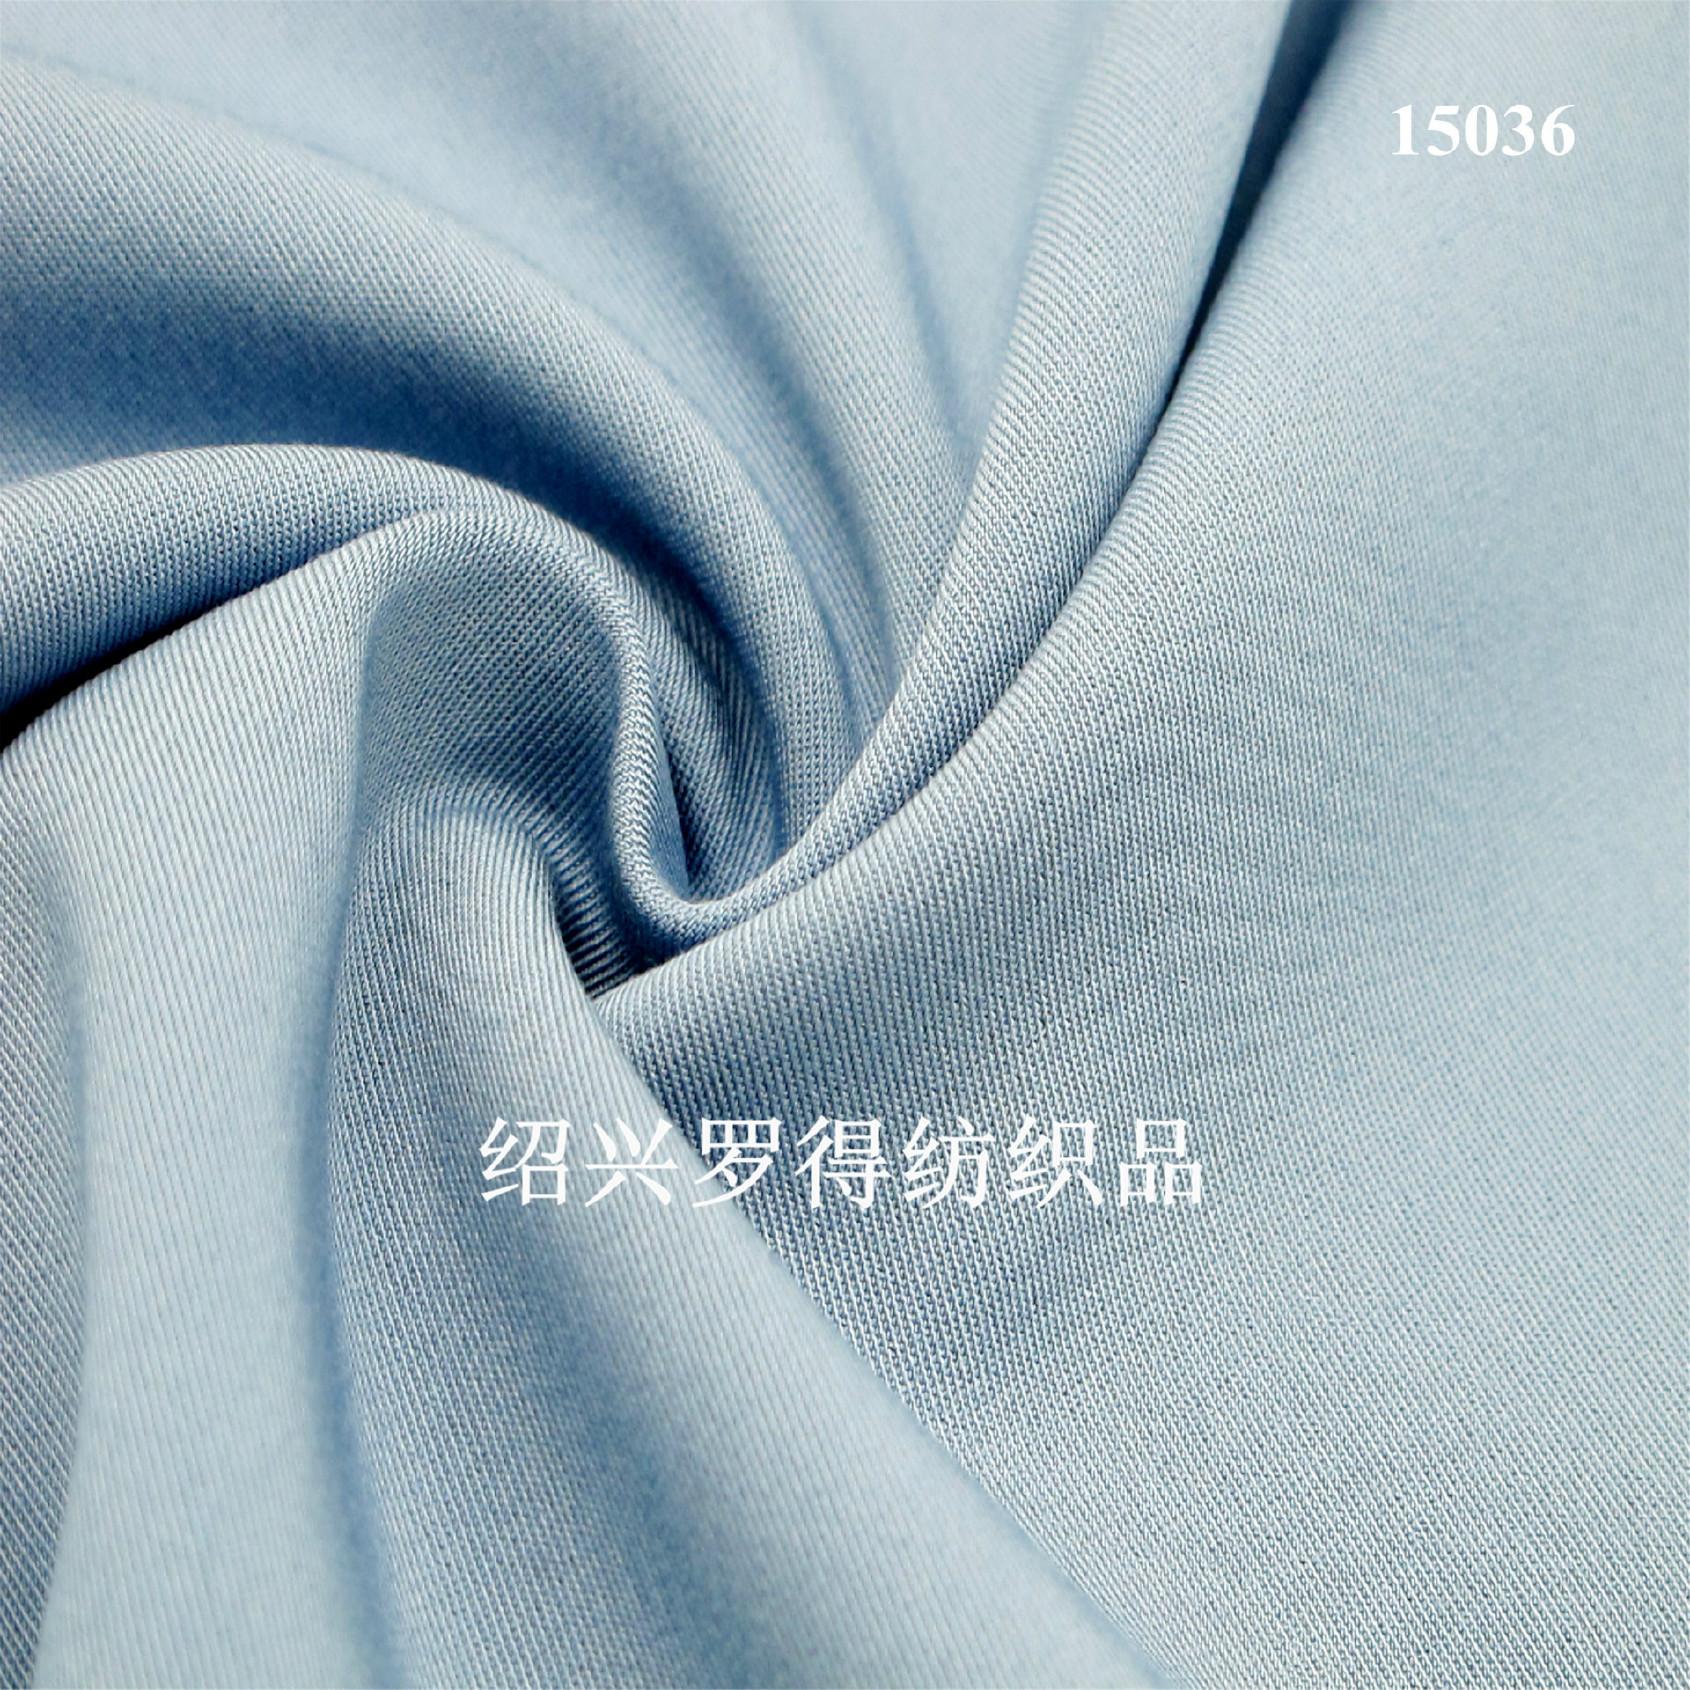 新品梭织莫代尔斜纹弹力面料  莫代尔涤纶交织 时尚女装 15036